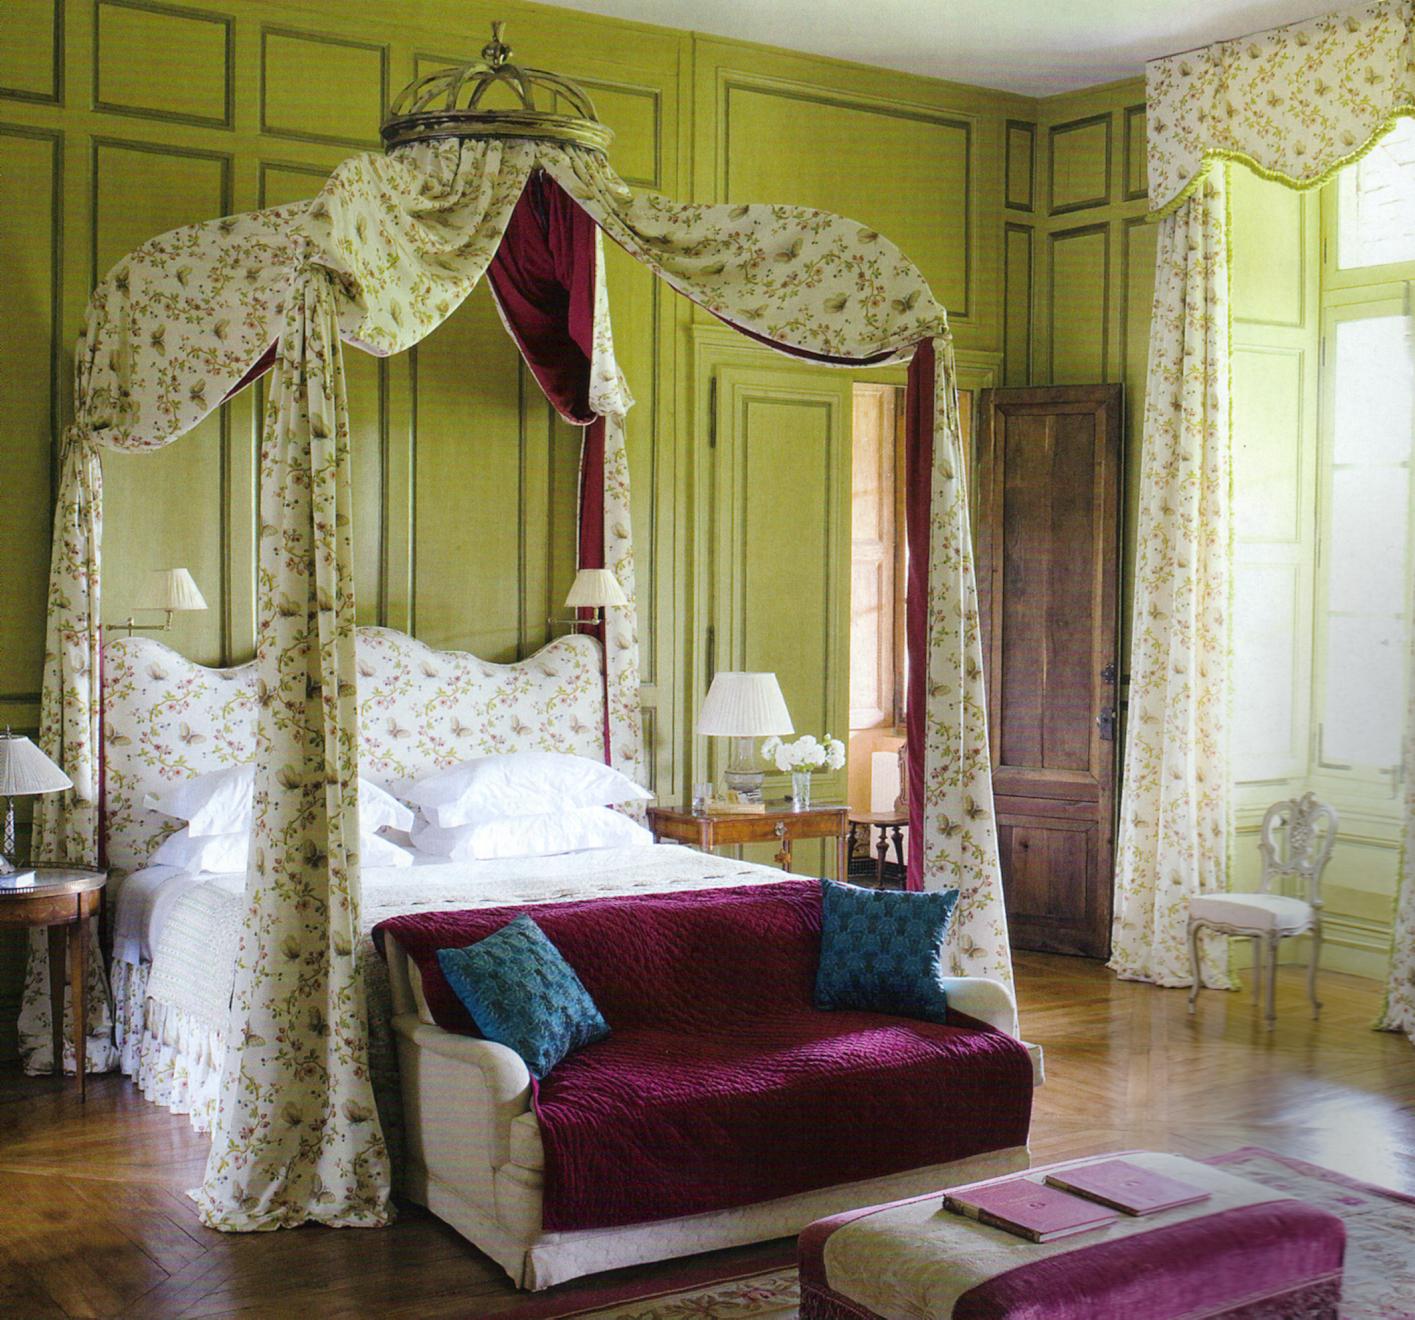 Us Interior Designers: US Interior Designs: TINO ZERVUDACHI